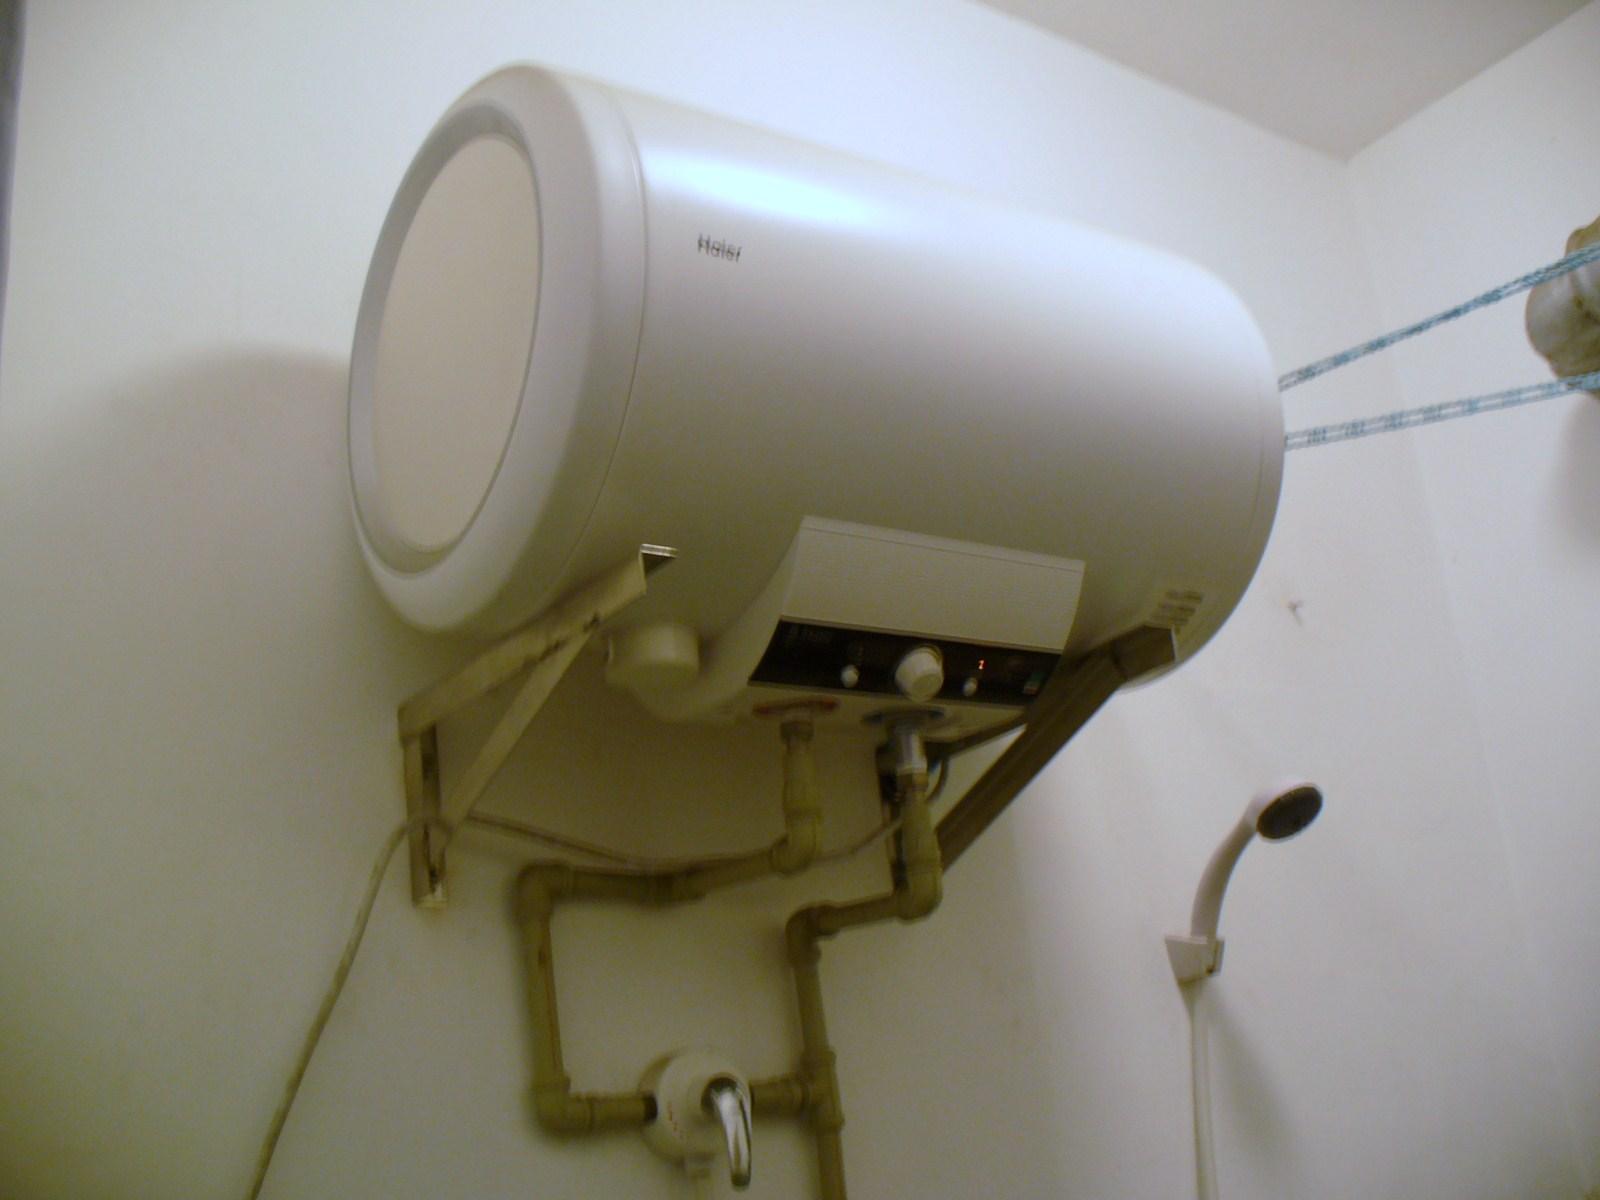 九成新海尔电热水器与创维21彩电转让